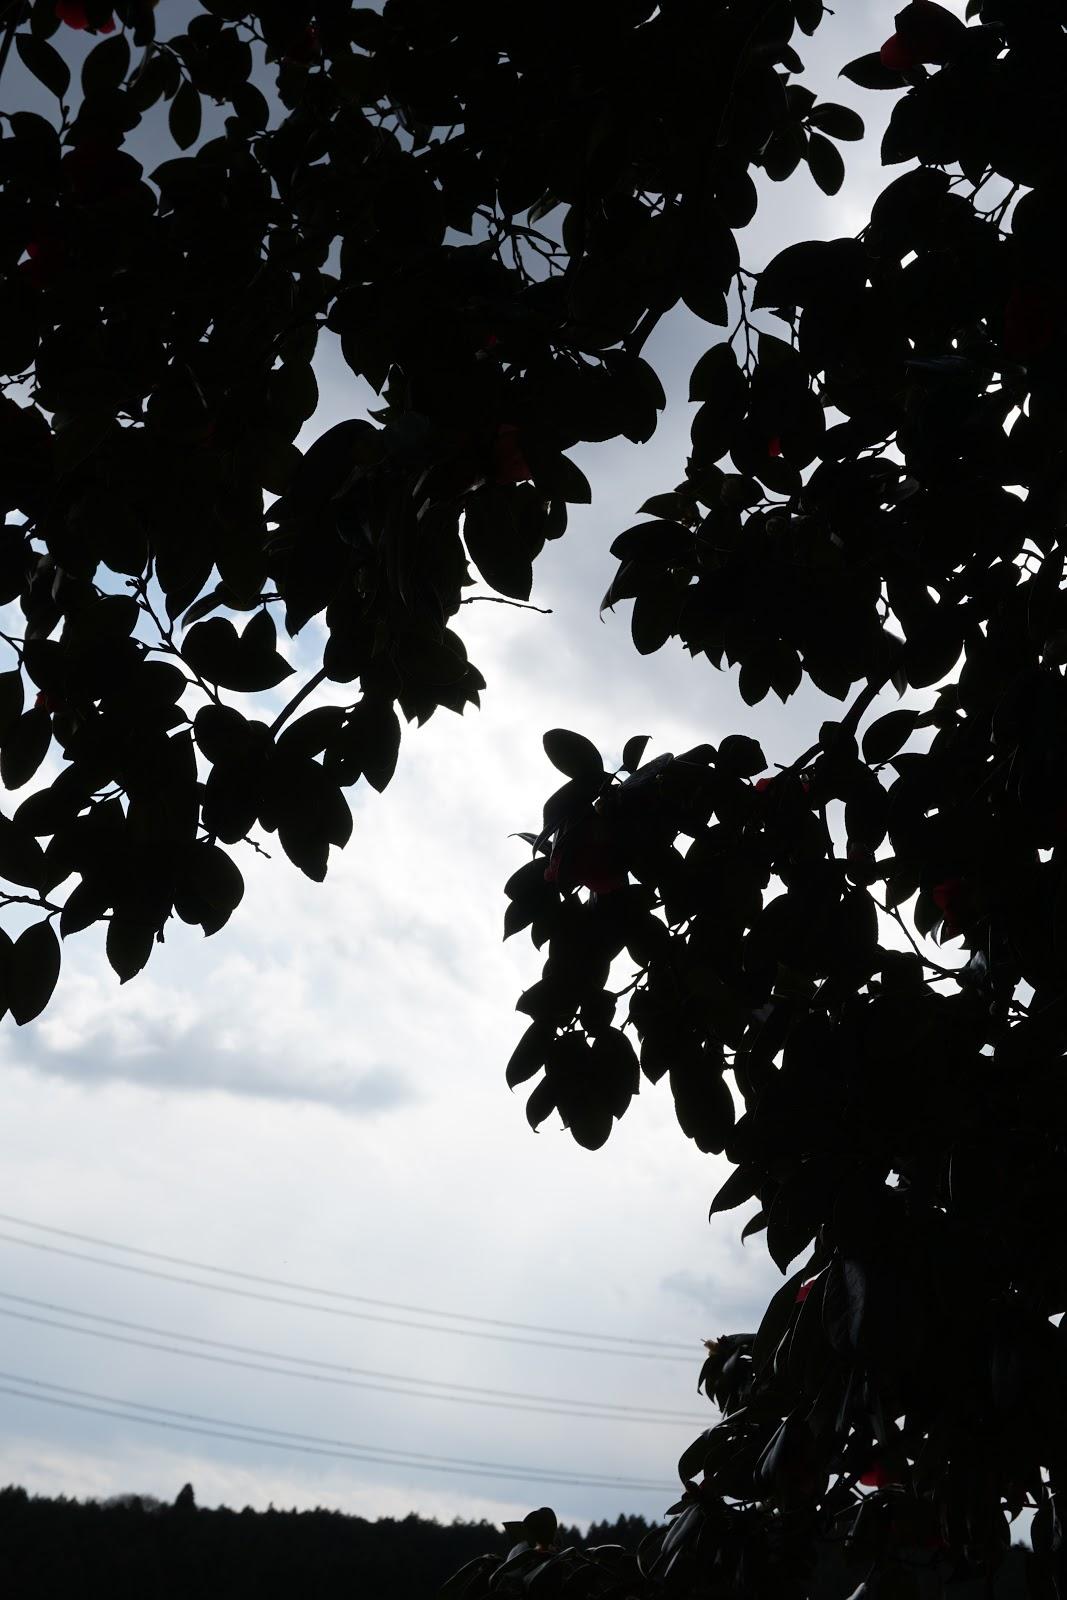 曇り空の逆光で黒潰れした椿の木陰